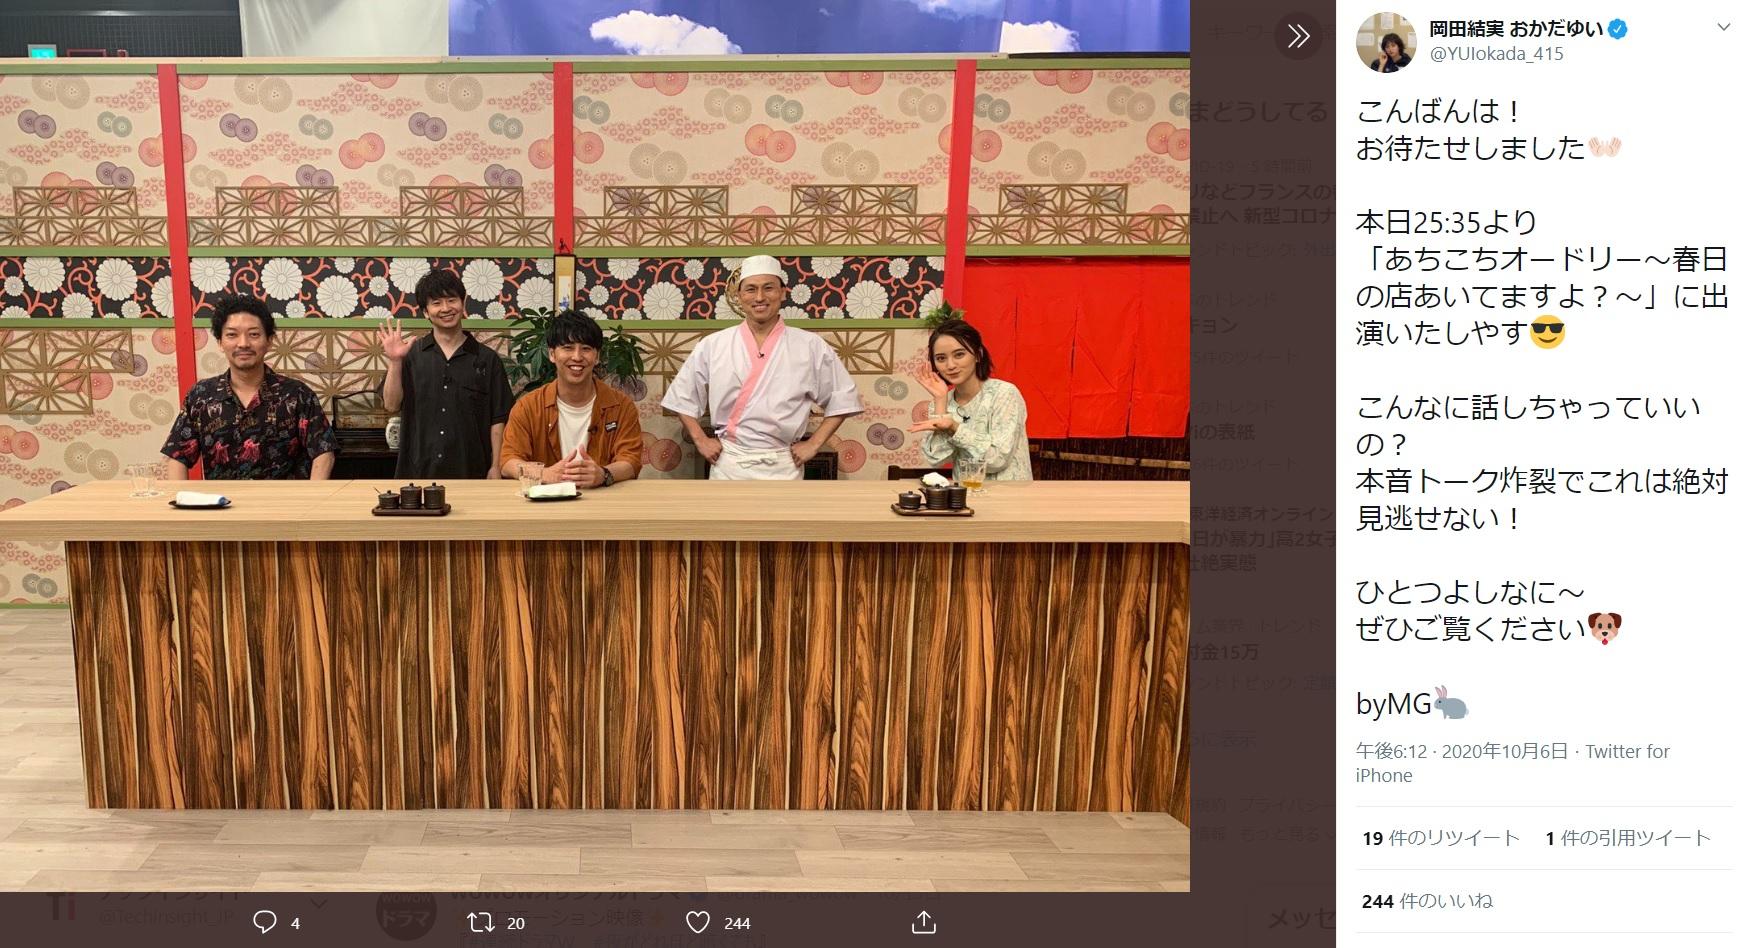 『あちこちオードリー』ゲストとして出演した岡田結実(右端)(画像は『岡田結実 おかだゆい 2020年10月6日付Twitter「こんばんは!お待たせしました」』のスクリーンショット)